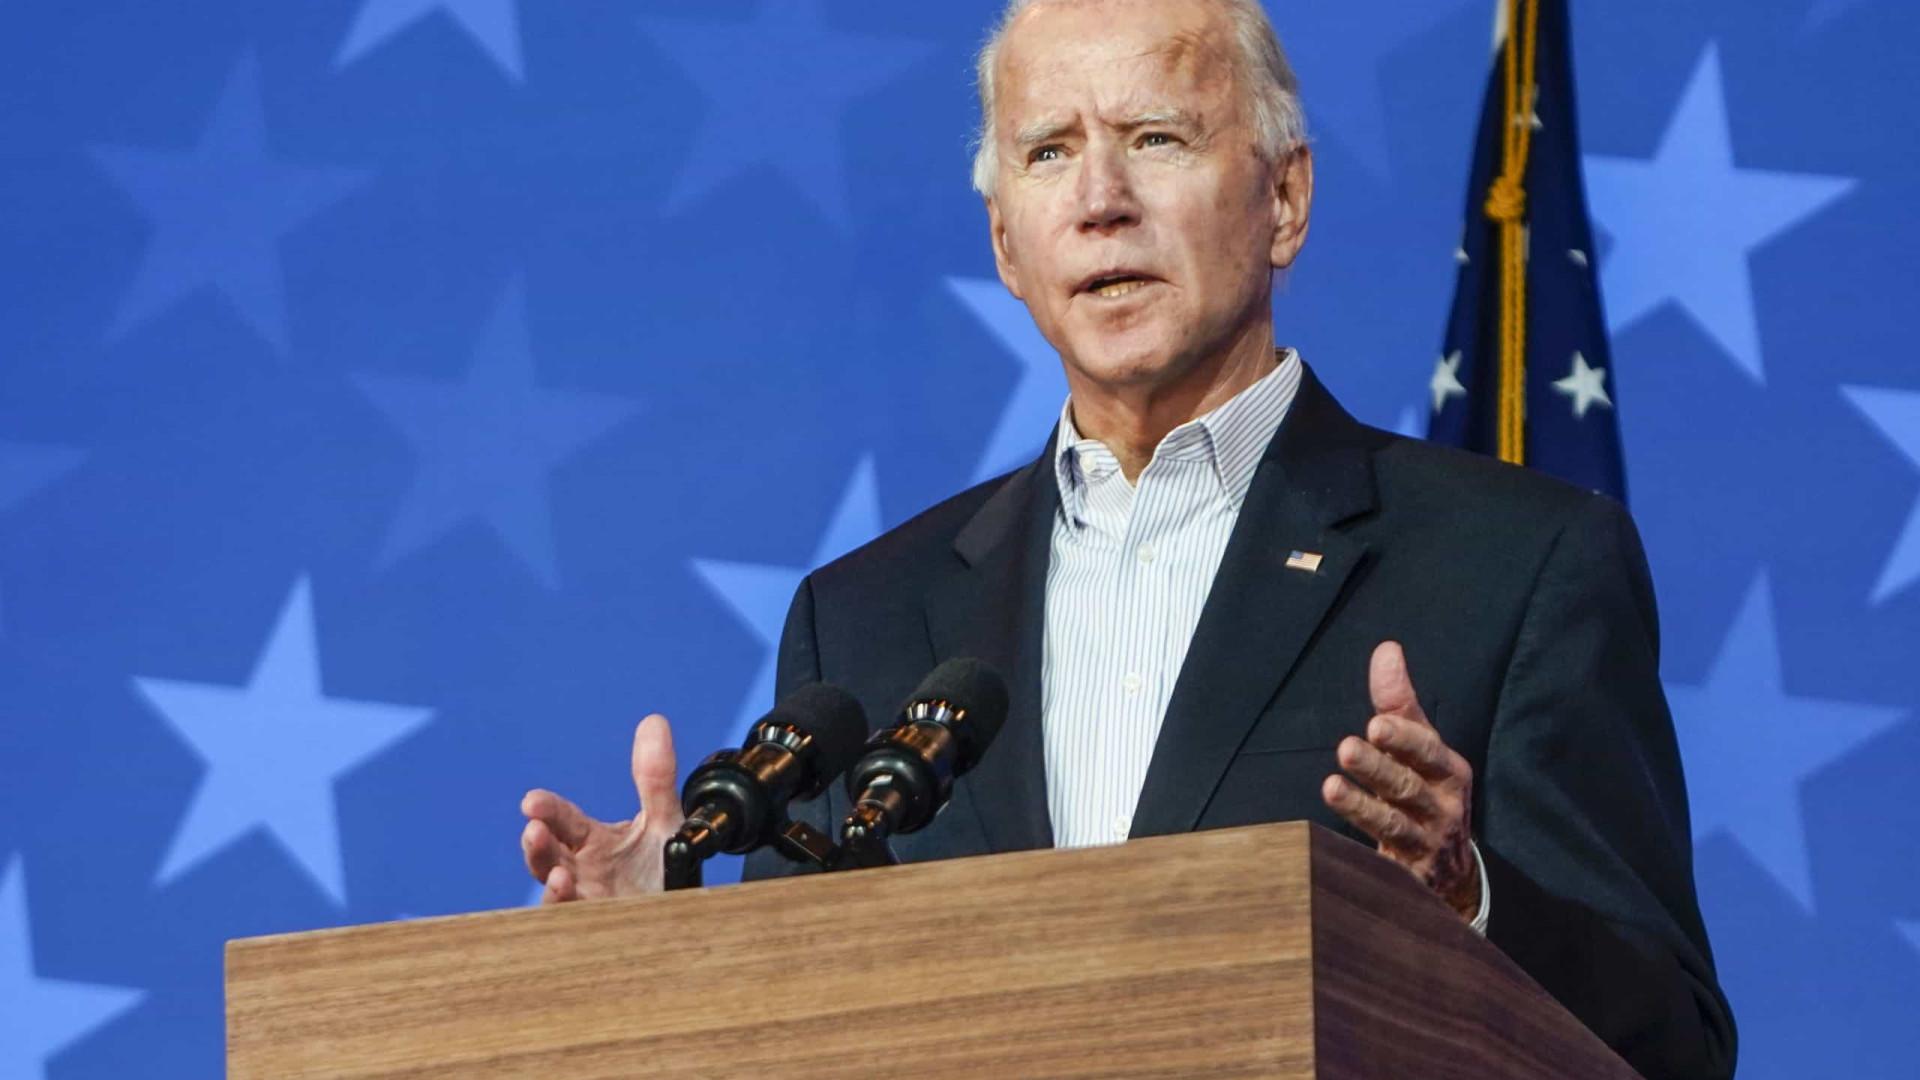 Biden pede novo pacote de estímulo para enfrentar 'inverno sombrio' em meio à pandemia